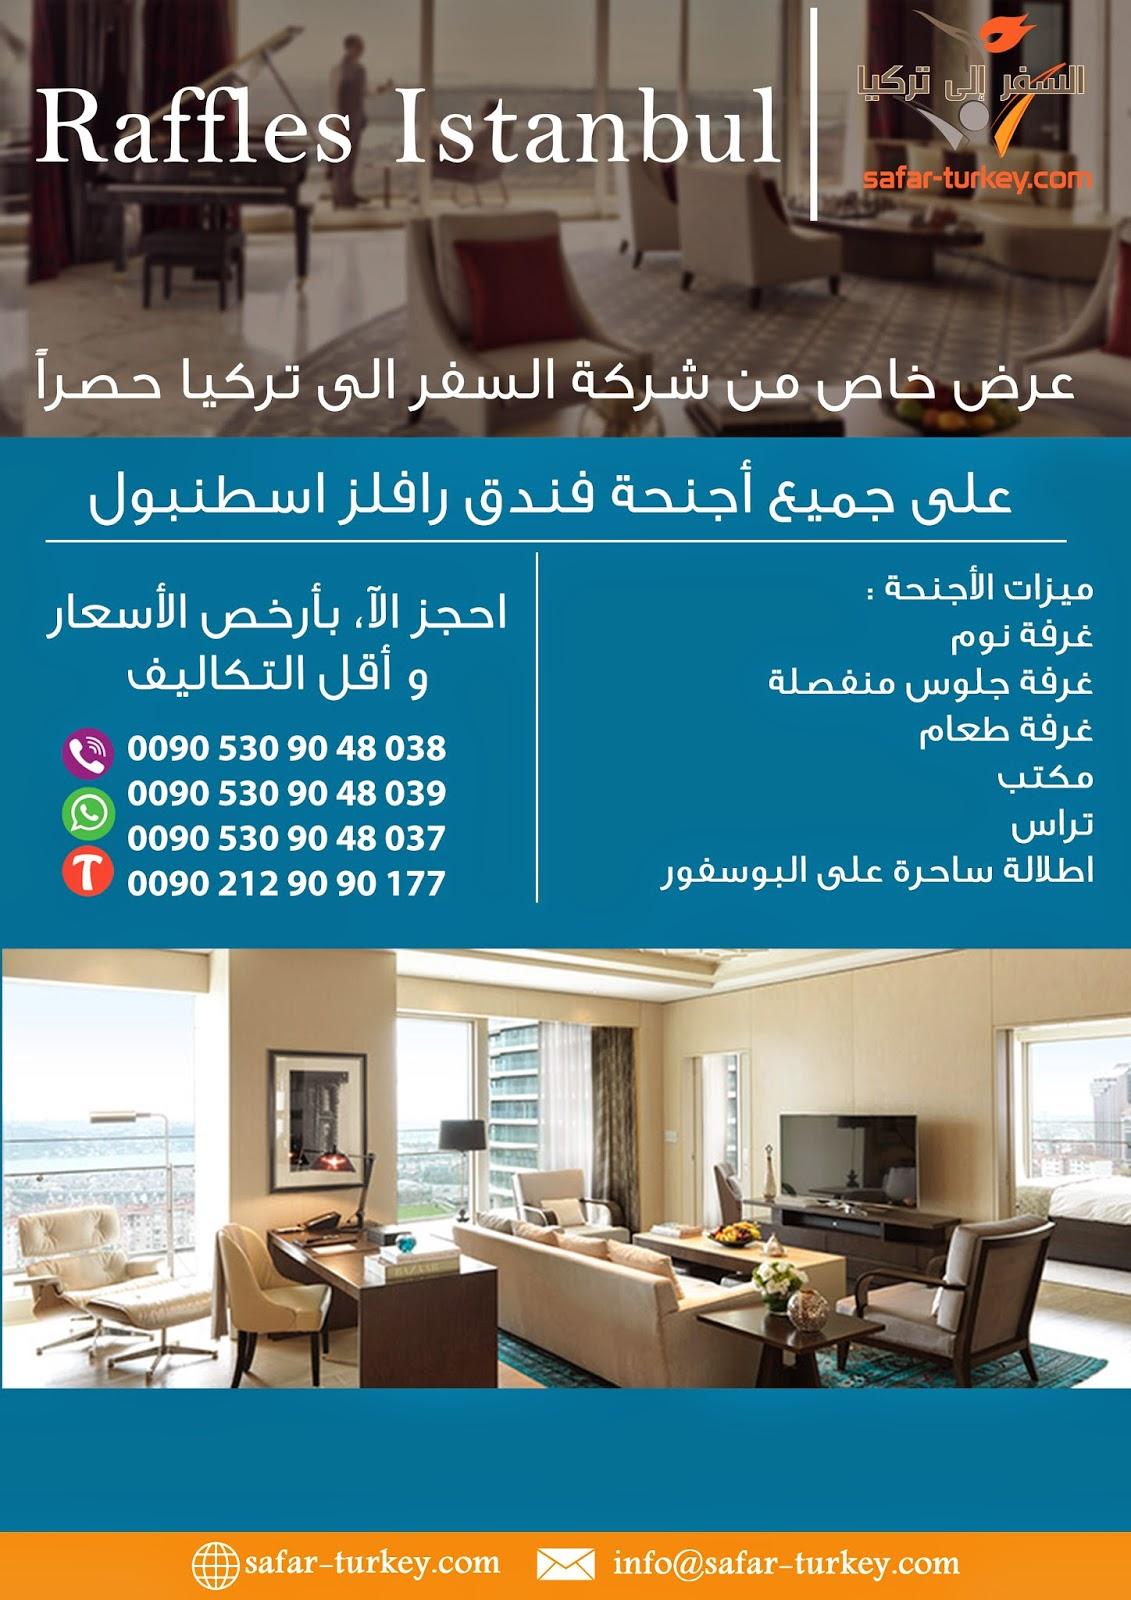 أرخص أسعار فندق رافلز اسطنبول design.jpg